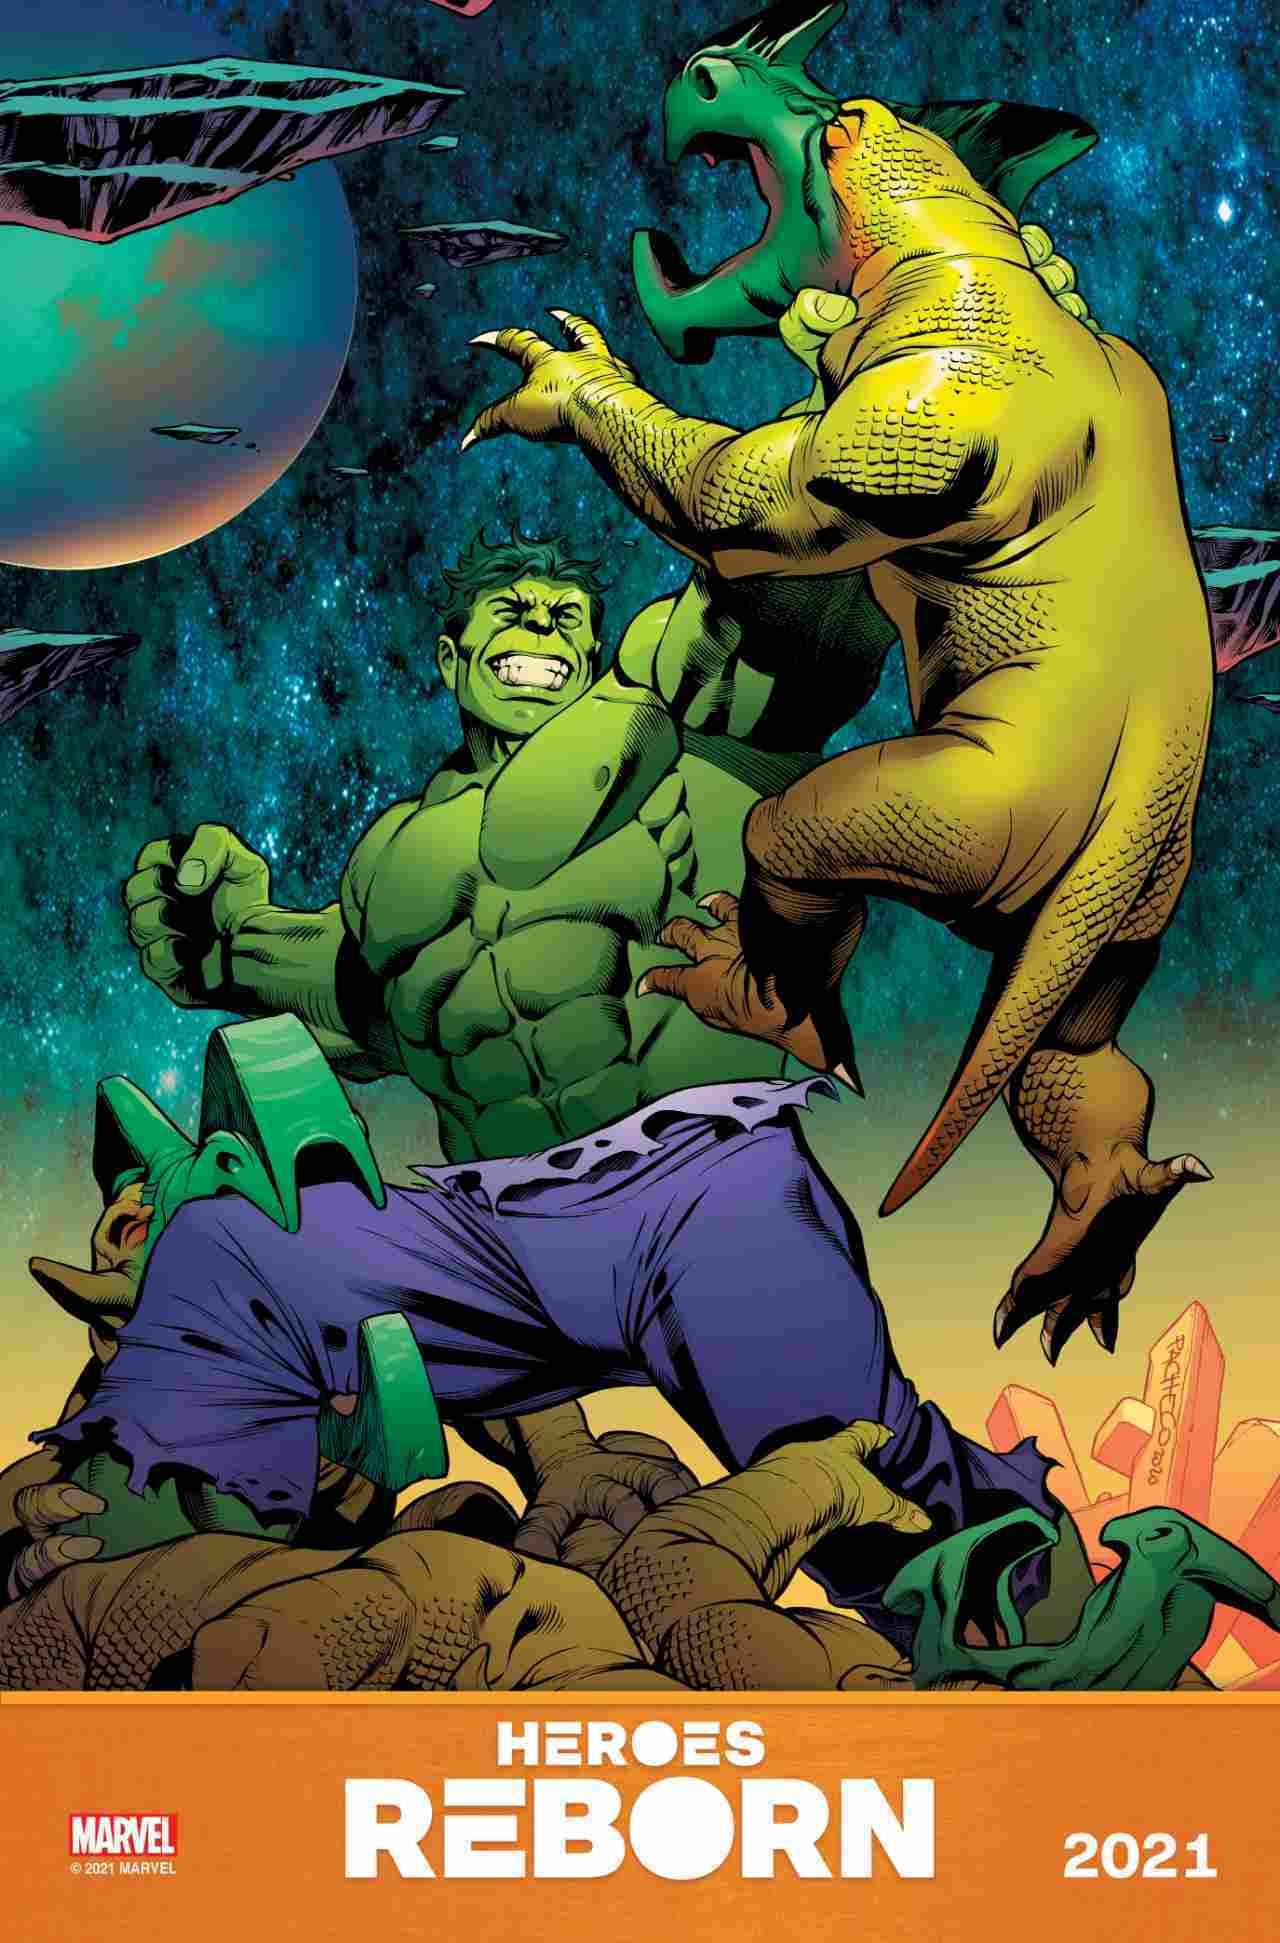 HeroesReborn-Hulk